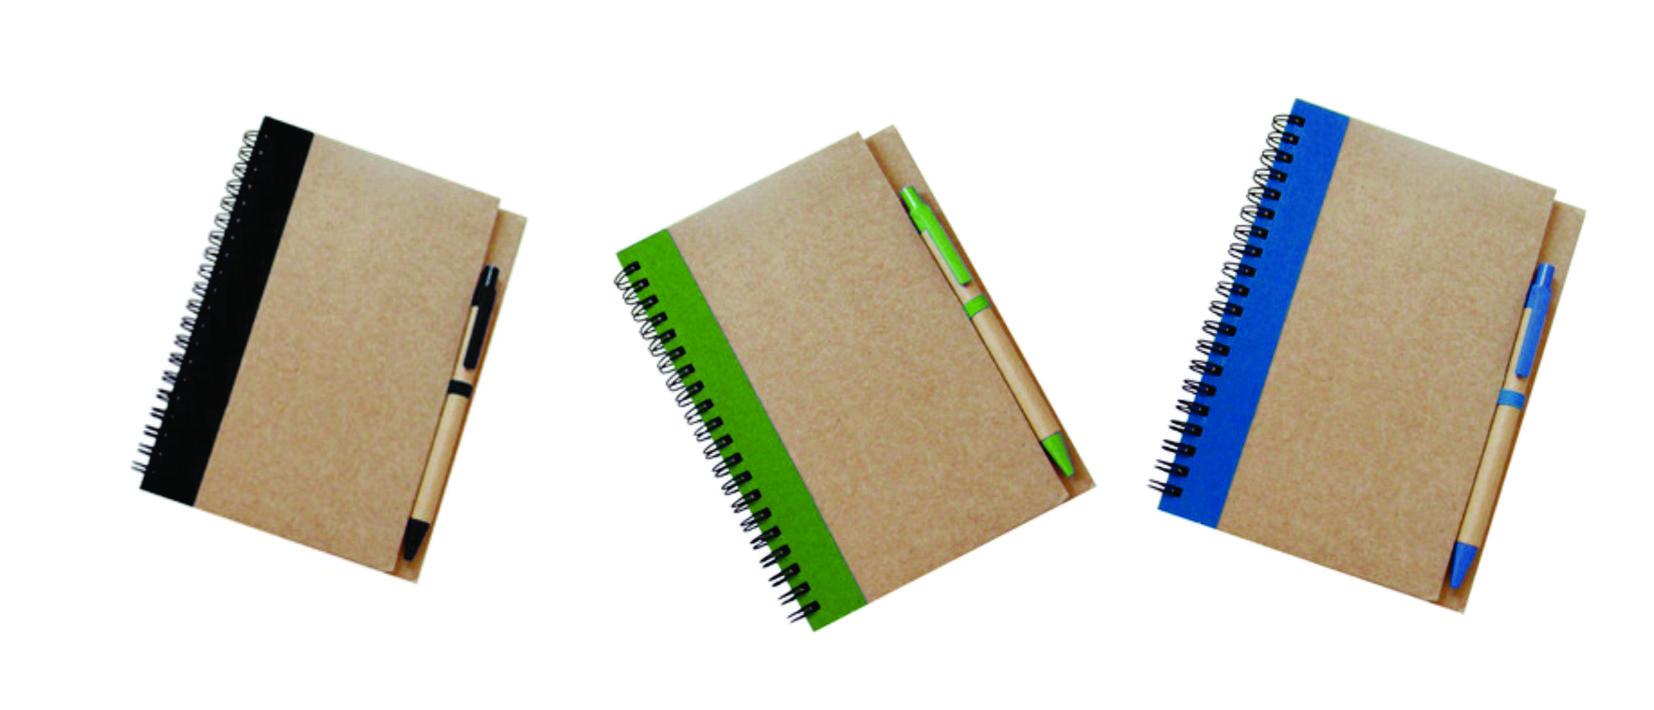 Libreta ecologica articulos de oficina pinterest for Articulos de oficina